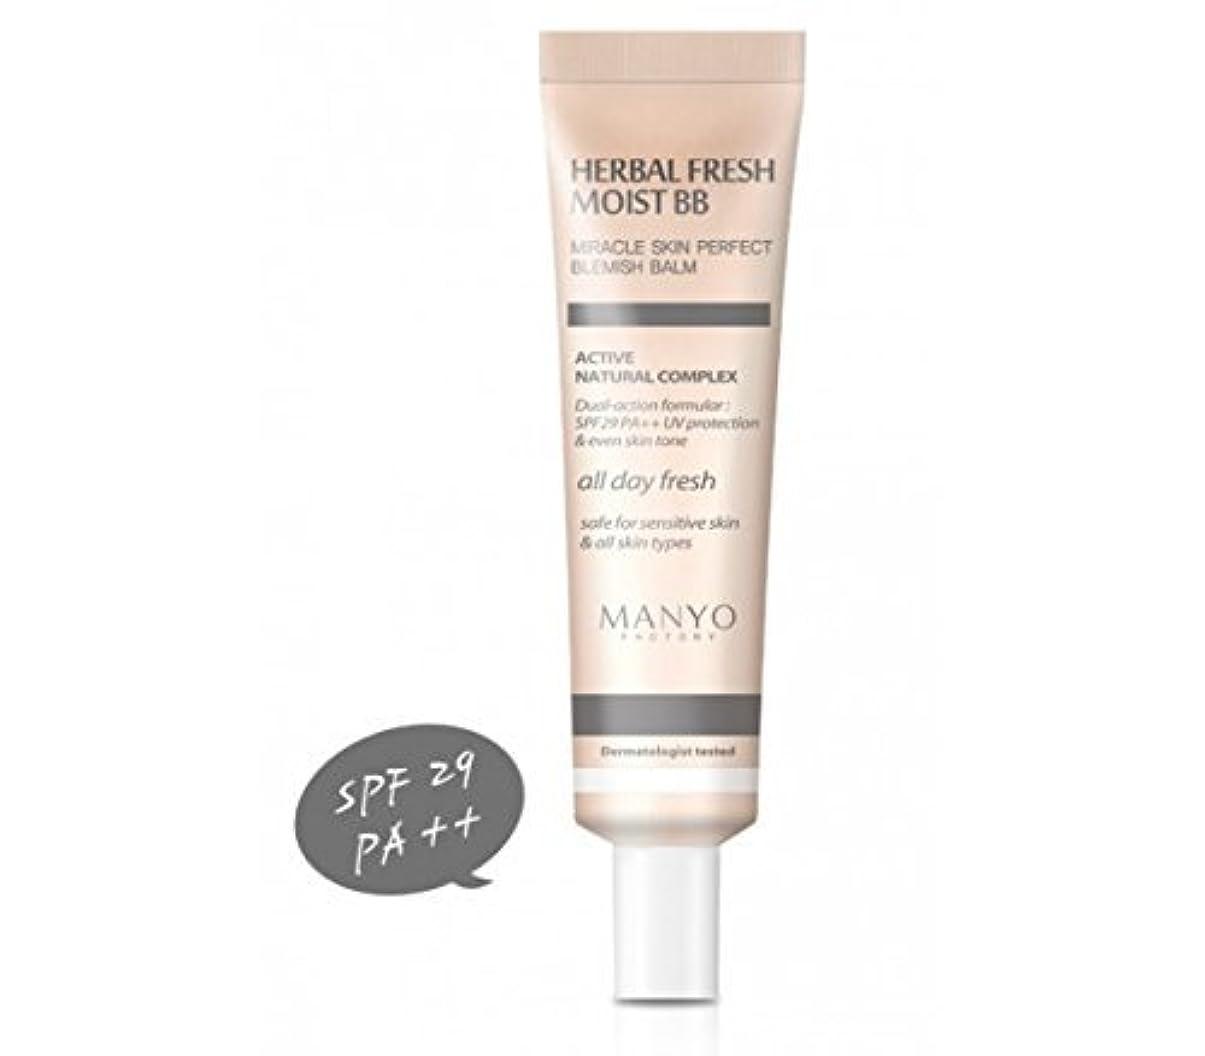 悔い改め検出器官Manyo Factory Herbal Fresh Moist BB Cream (SPF29PA++) 30ml [並行輸入品]